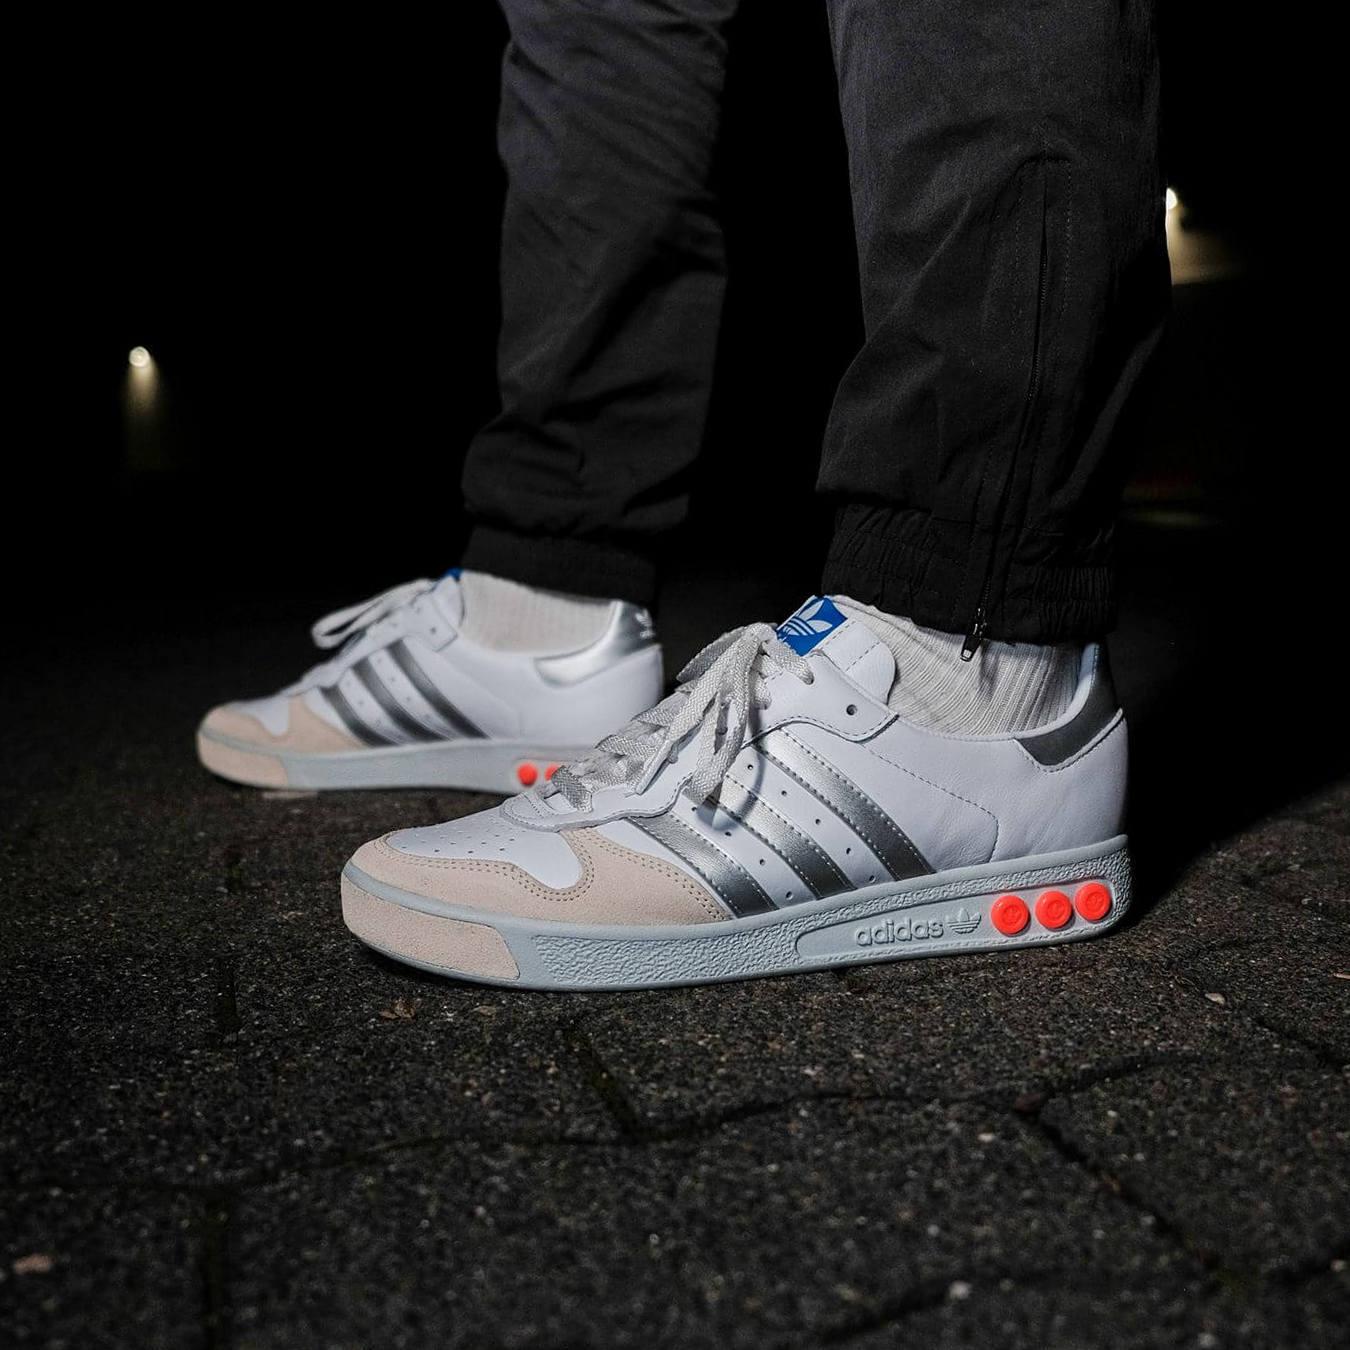 on feet photo - adidas - G.S. - cloud white/silver metallic/wonder white- H01818